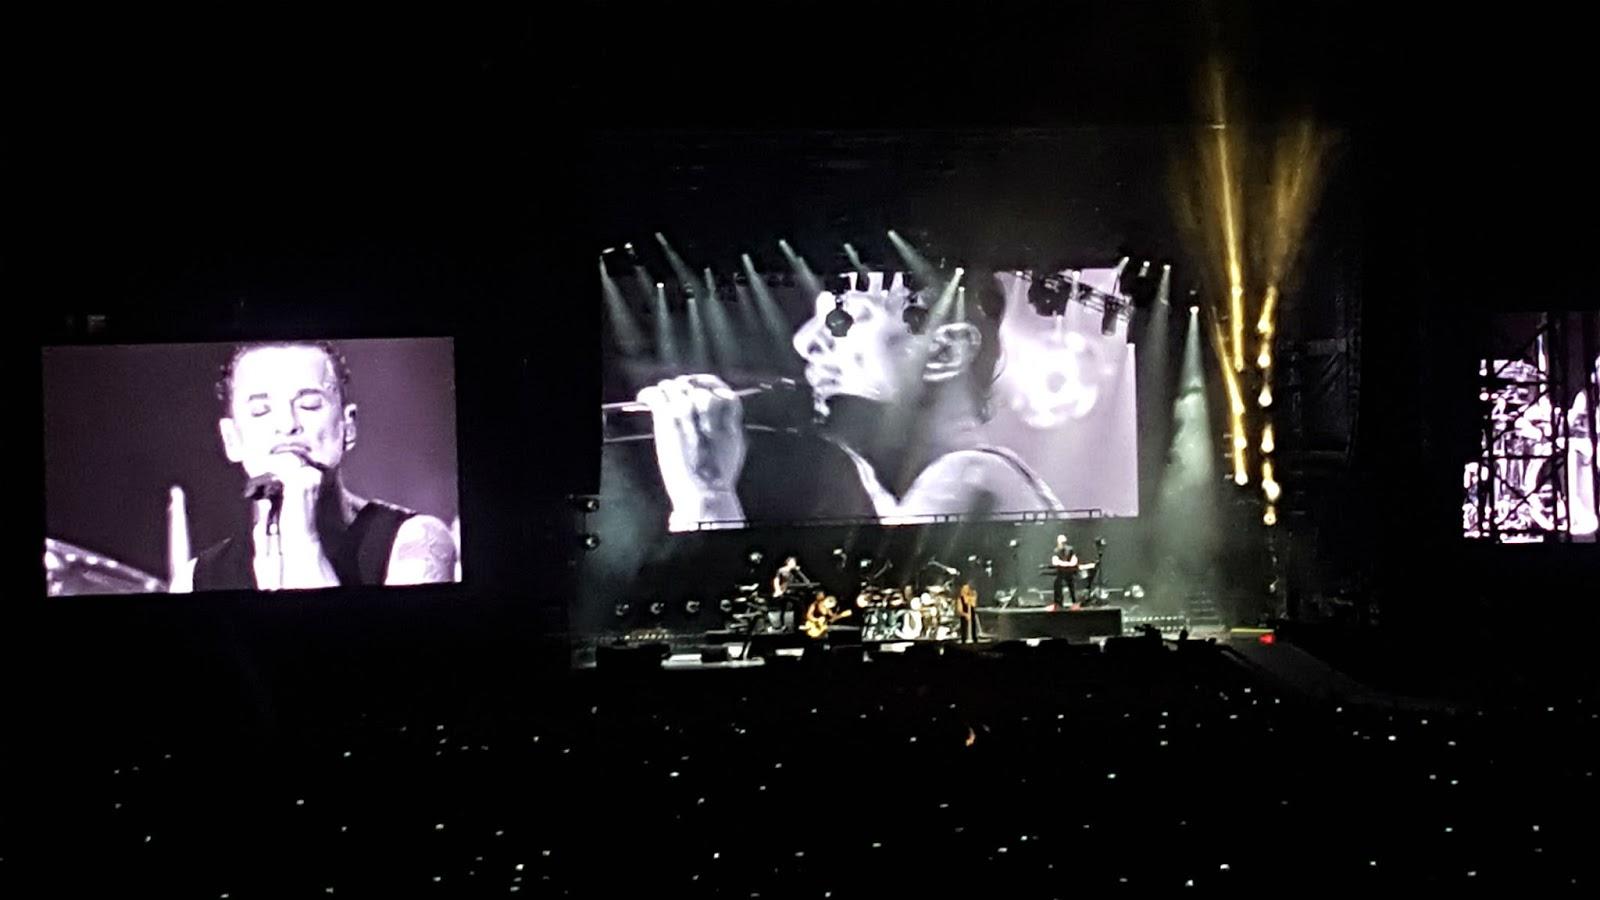 Depeche Mode live 2017 im Monatsrückblick von Arthurs Tochter kocht. | Arthurs Tochter kocht von Astrid Paul. Der Blog für food, wine, travel & love